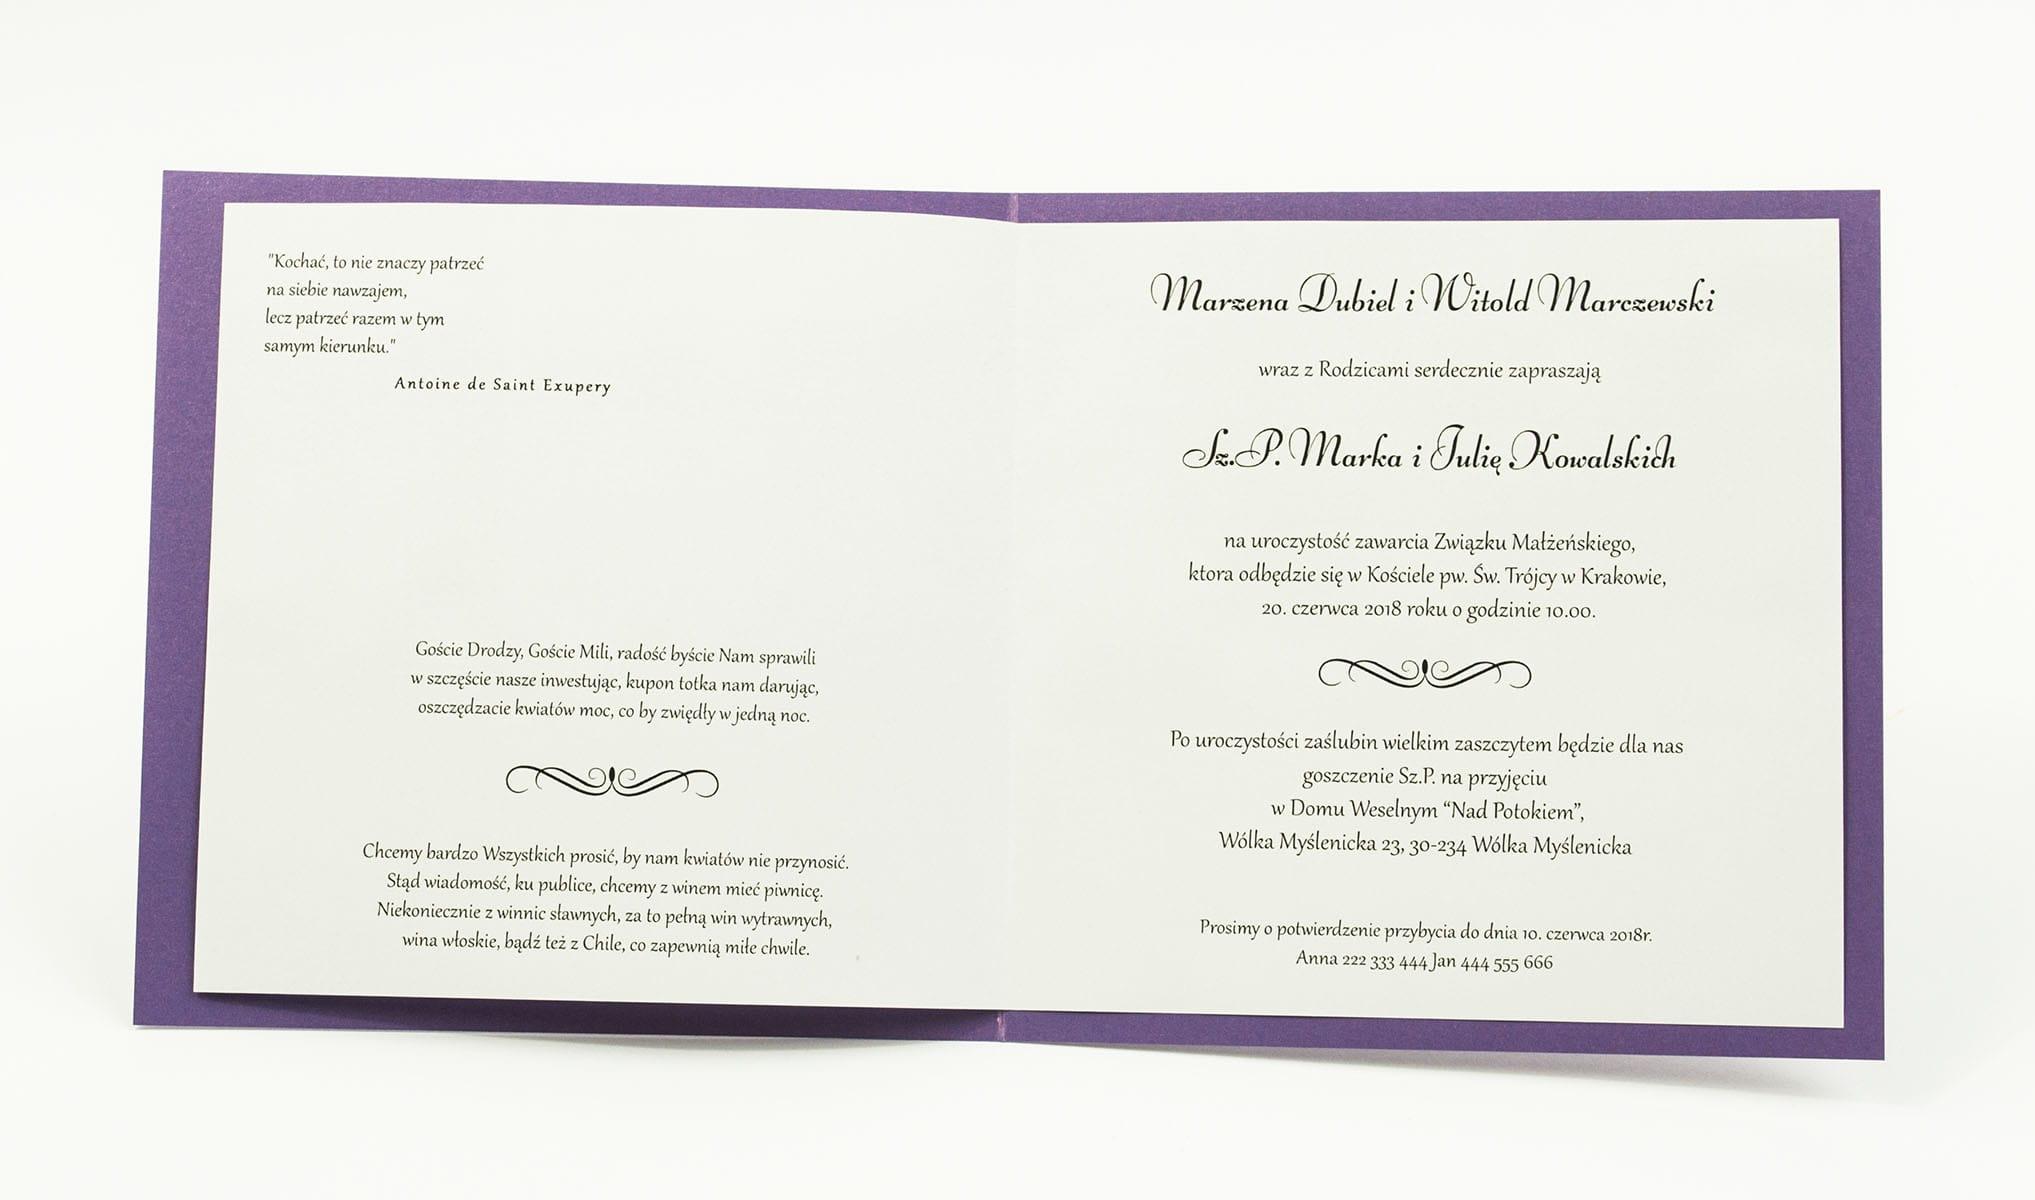 Zaproszenia ślubne na fioletowym papierze perłowym, ze wstążką w kolorze ciemnofioletowym i cyrkonią oraz wklejanym wnętrzem. ZAP-61-85